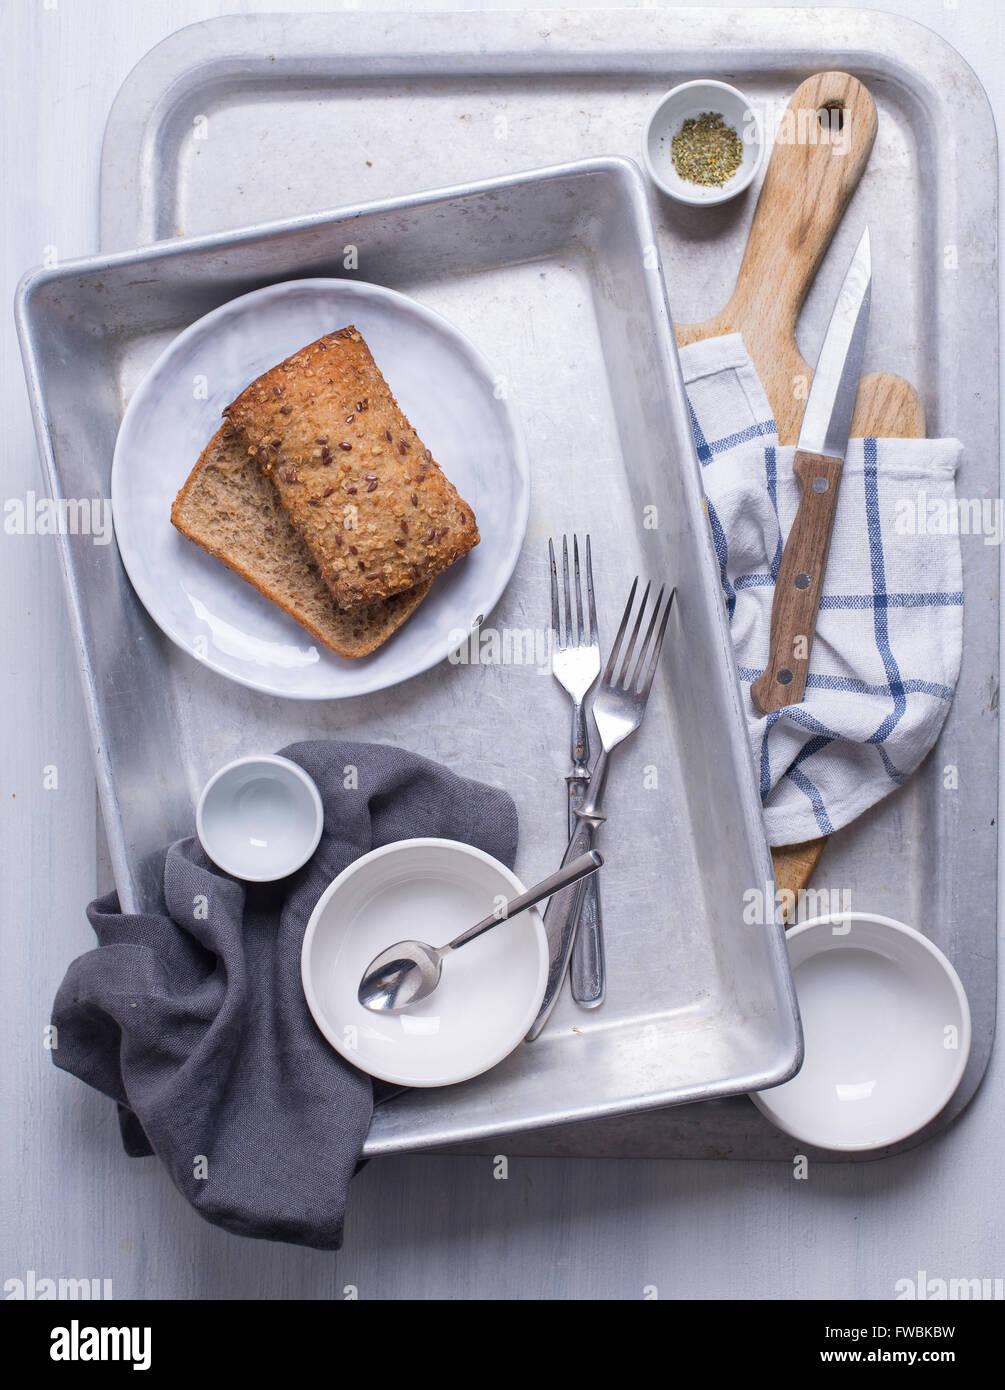 Einige Geschirr zum Kochen vorbereitet Stockbild